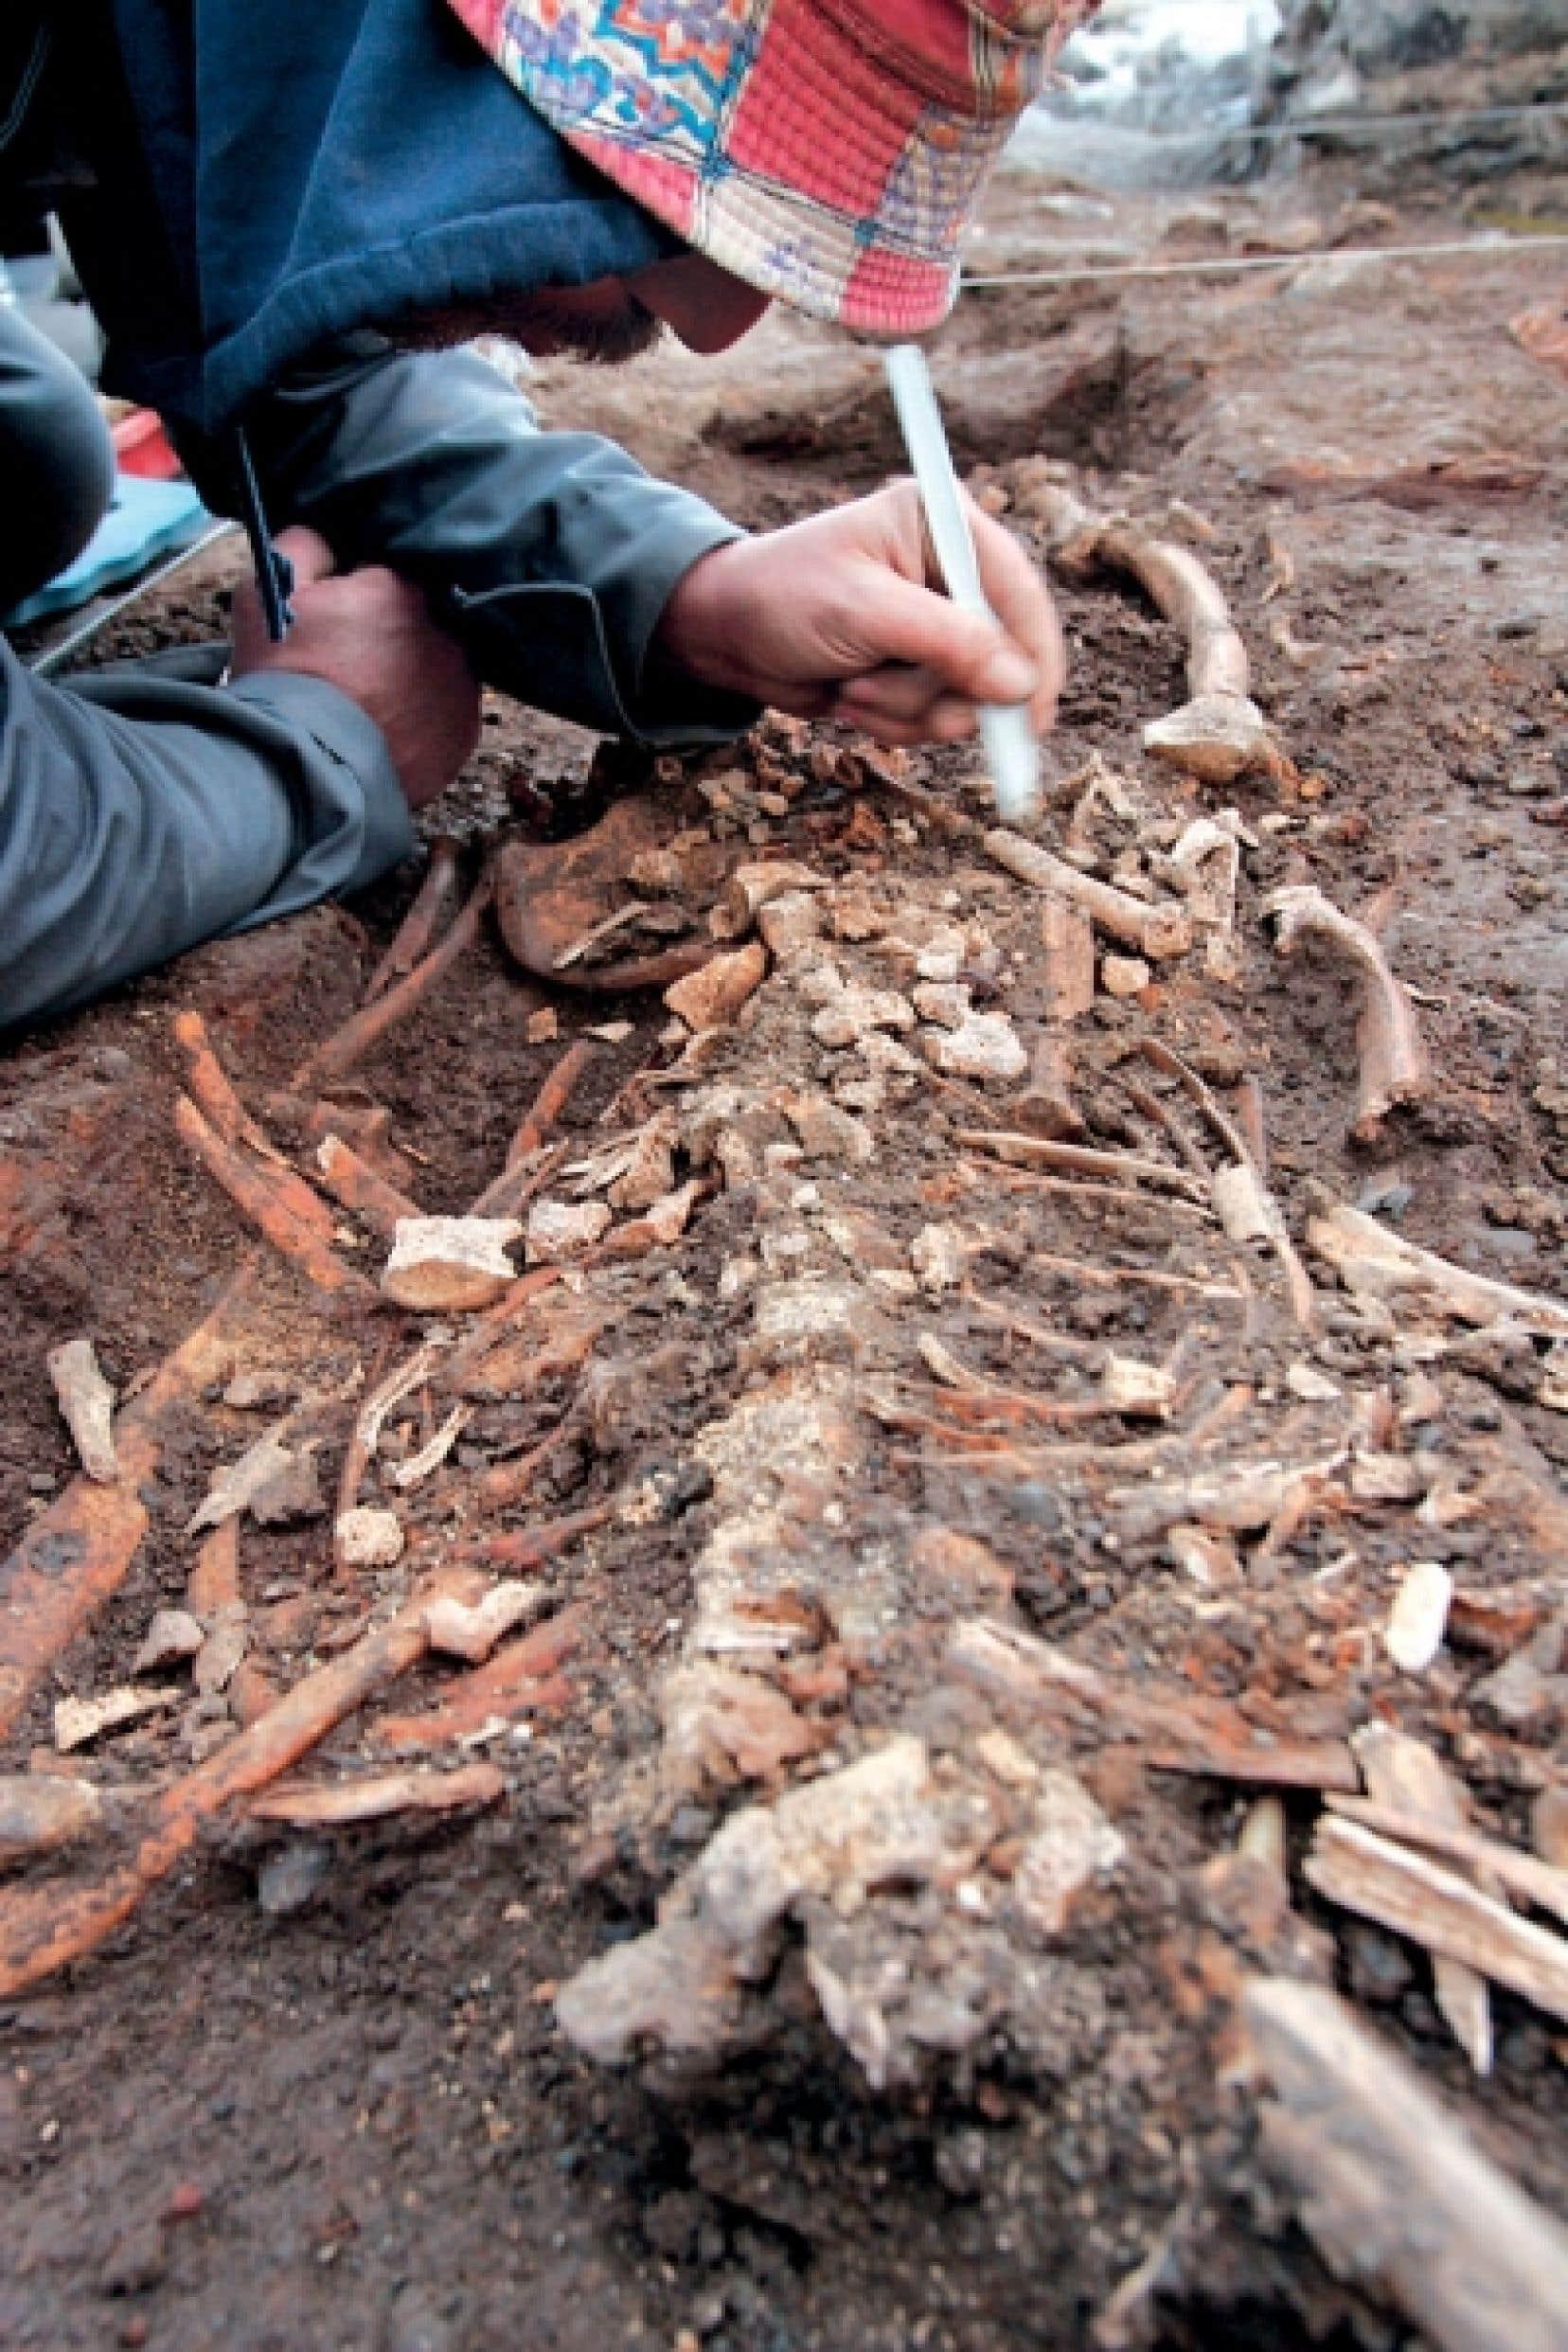 La propriété des biens archéologiques est déterminée par la propriété foncière du lieu d'où ils sont tirés.